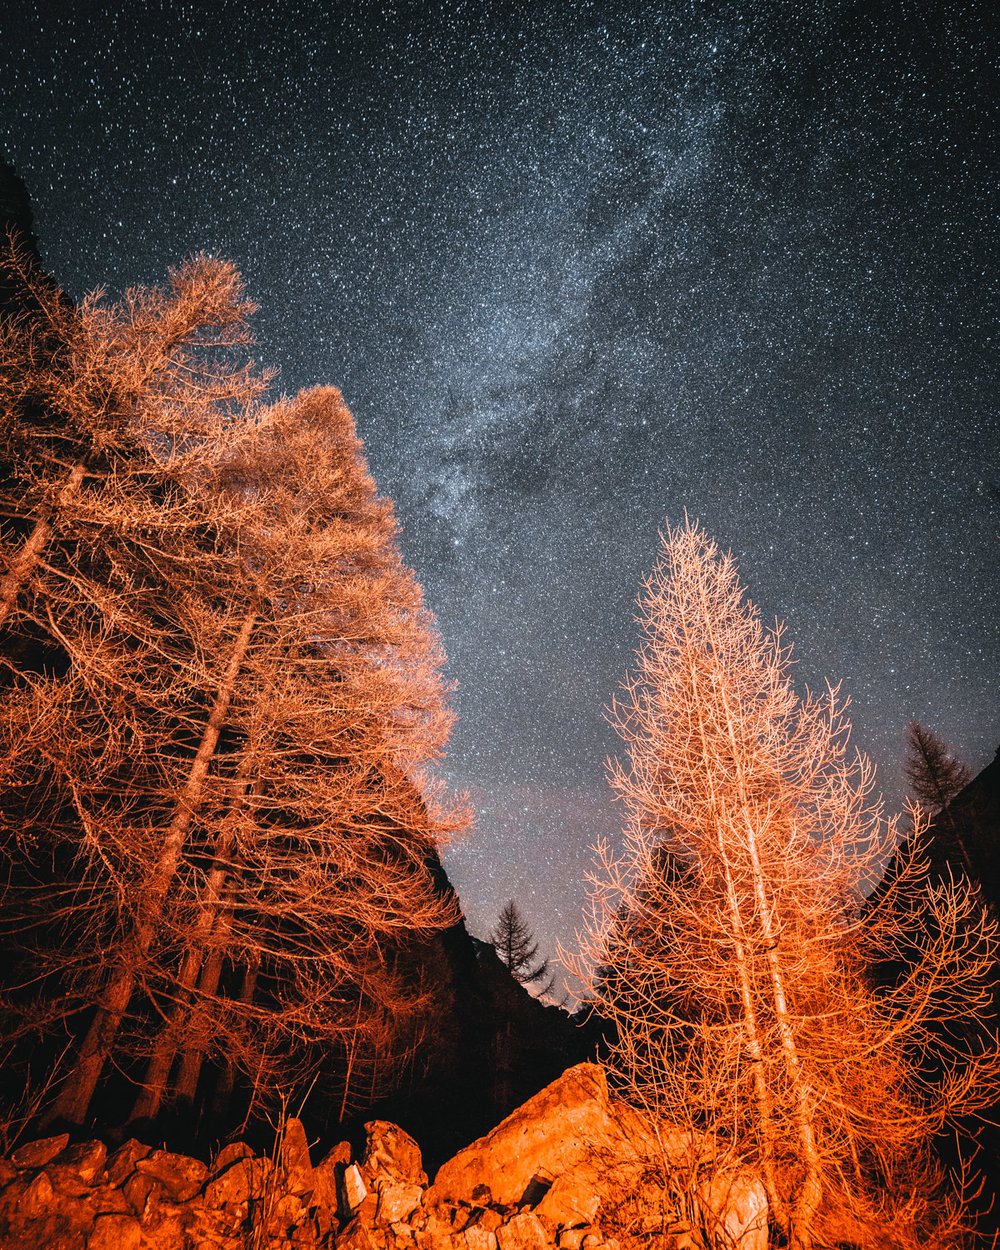 Cielo stellato sopra foresta